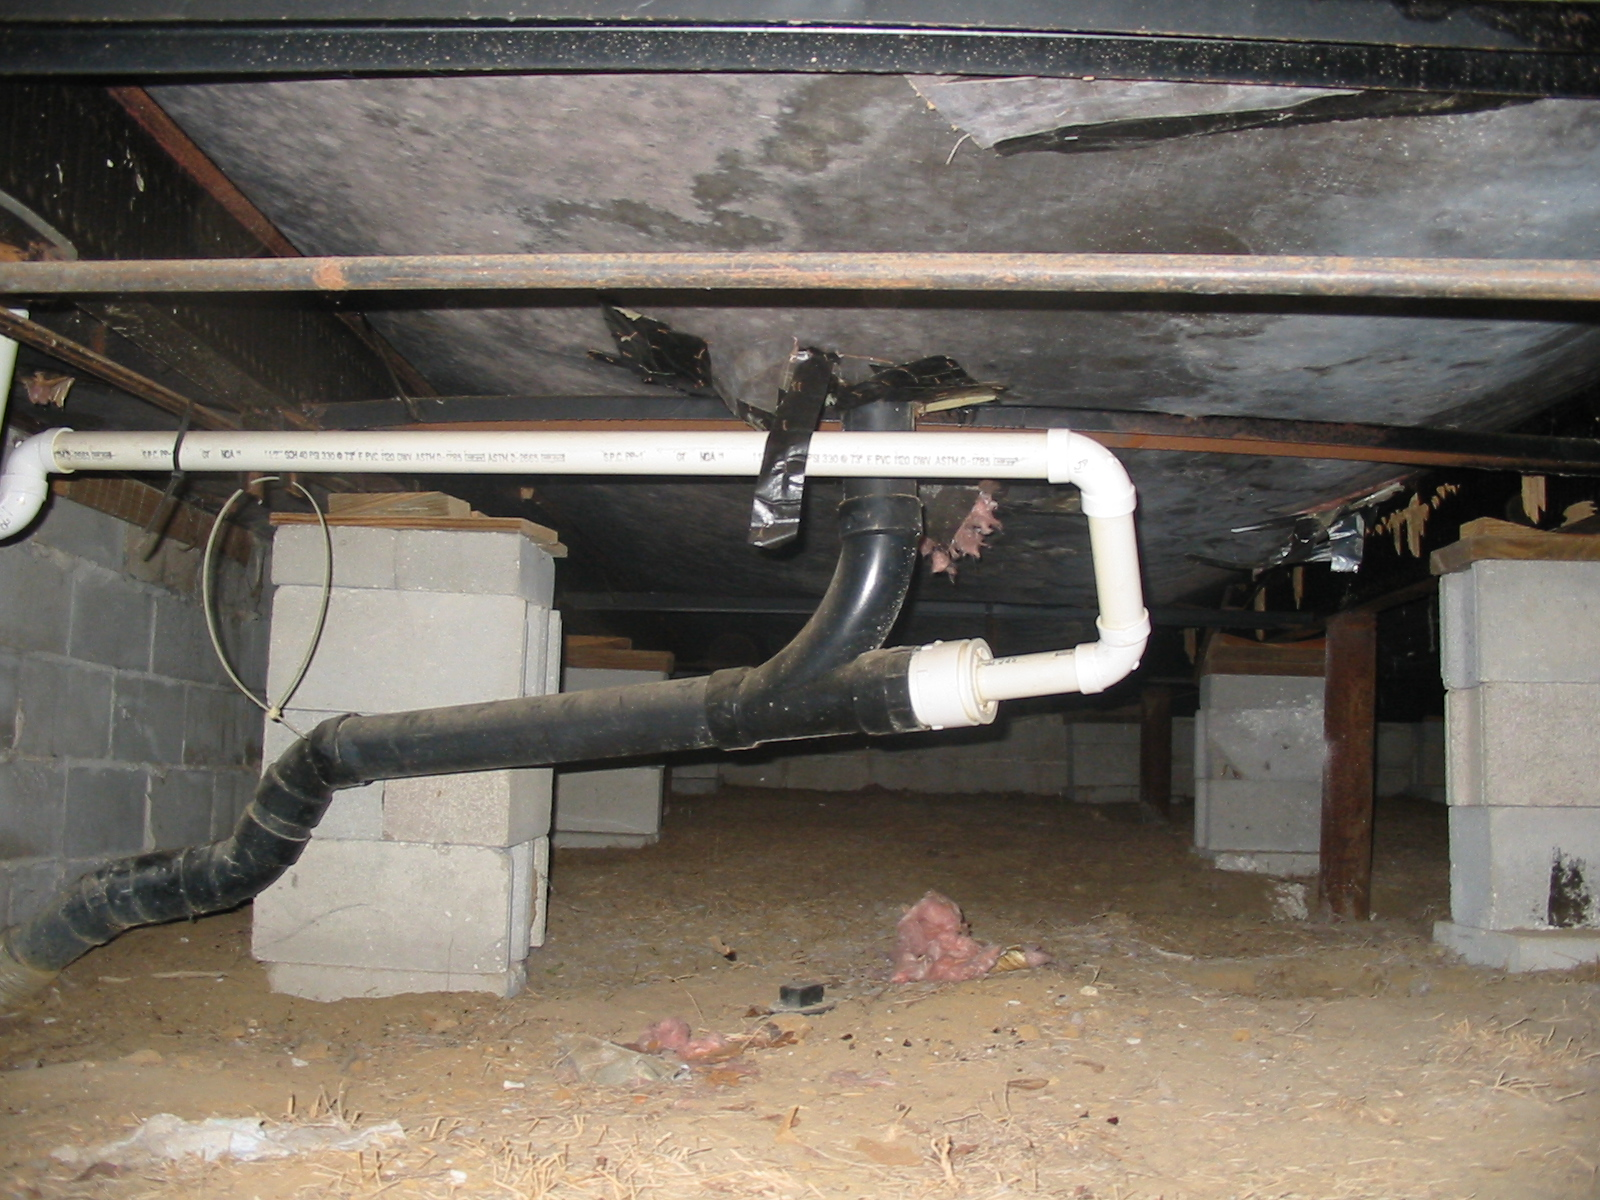 Rat Problem Under Mobile Home Img 2970 Jpg